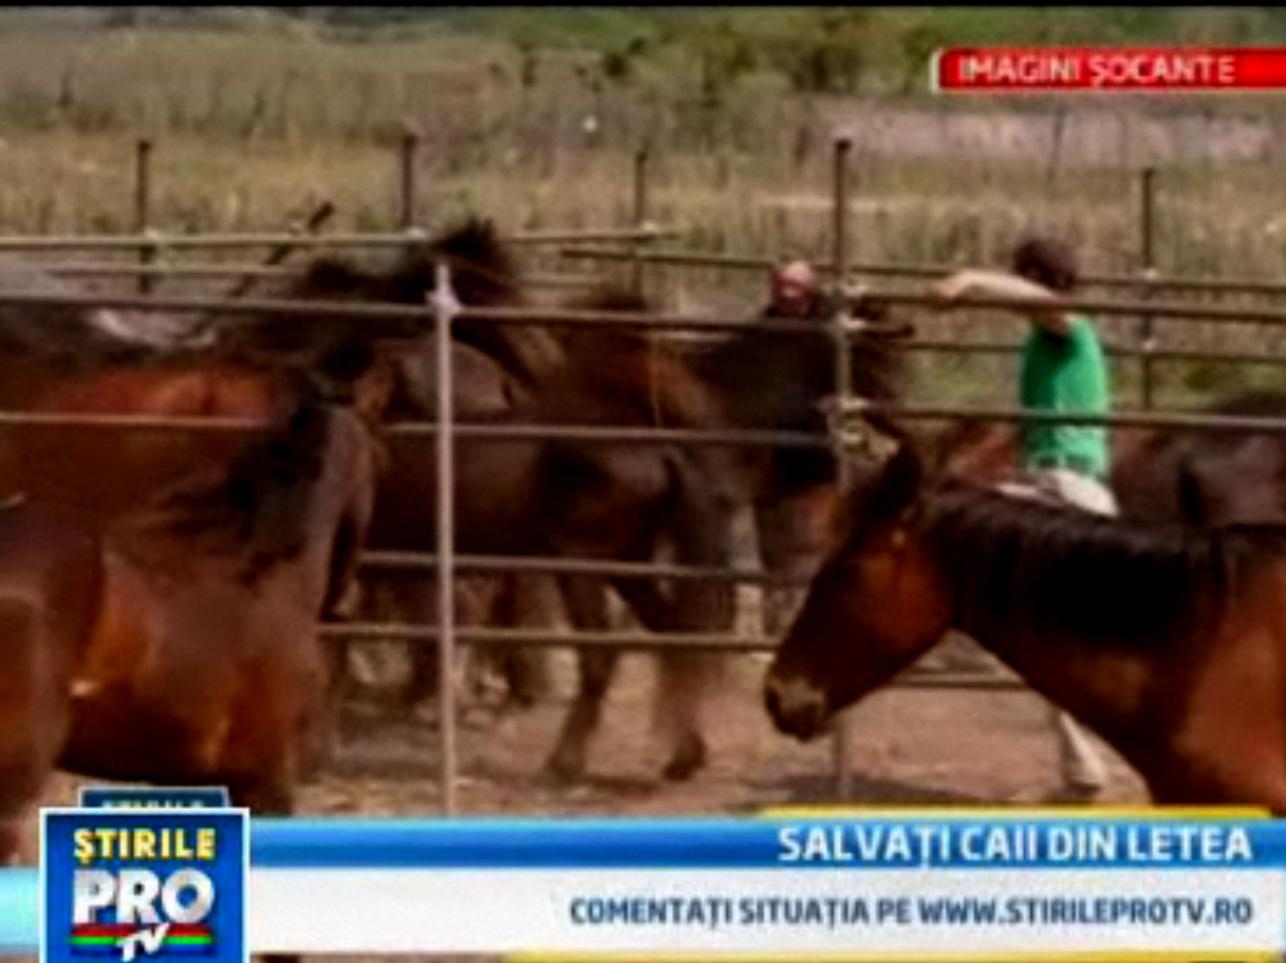 Caii salbatici din padurea Letea sunt din nou in pericol. Localnicii revendica animalele